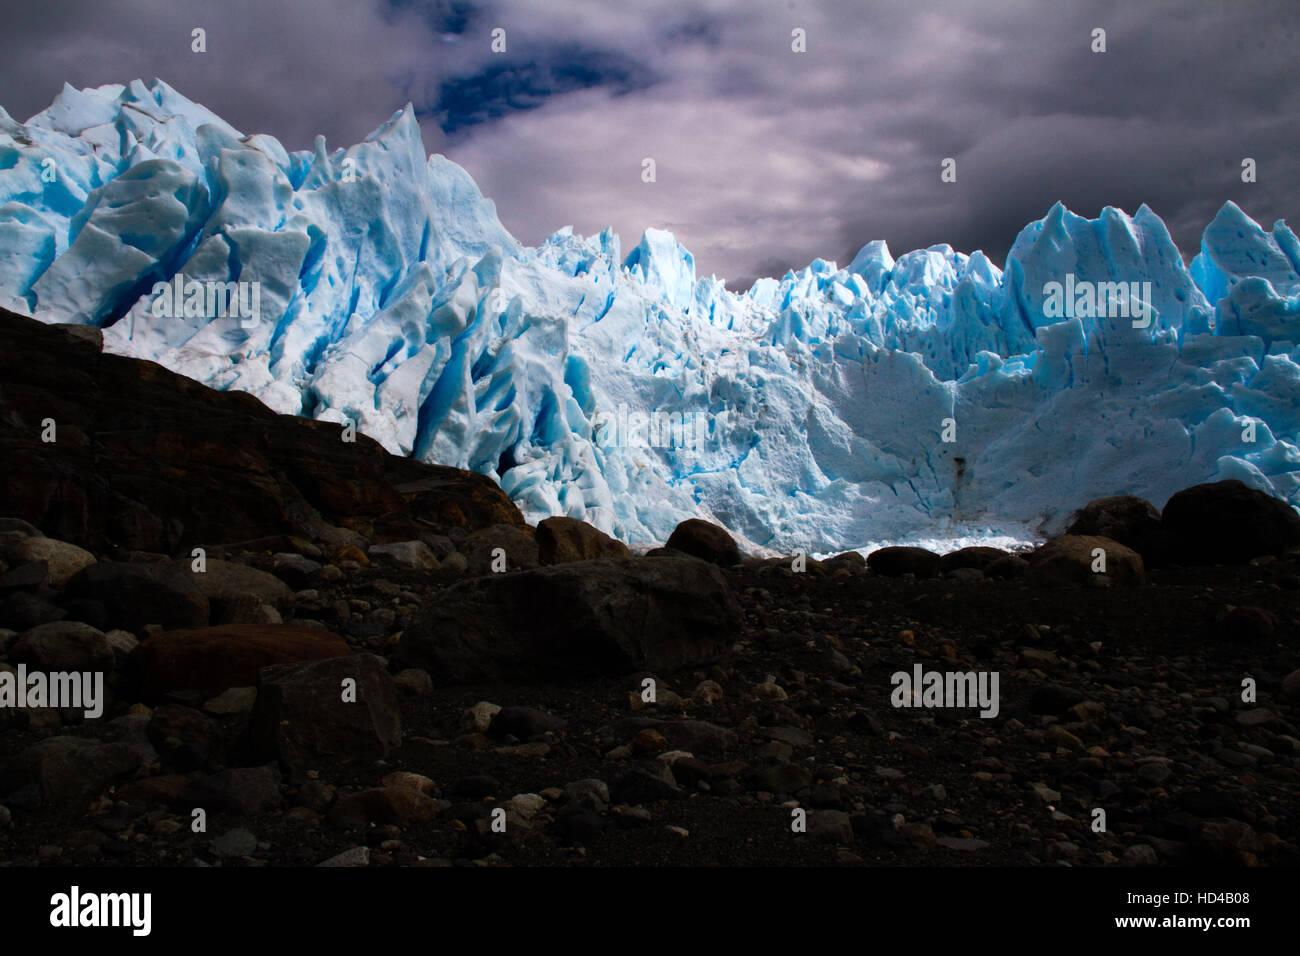 EL CALAFATE, ARG, 06.12.2016: Glacier Perito Moreno argentin situé dans le Parc National Los Glaciares, dans le sud-ouest de la province de Santa Cruz, Argentine Banque D'Images